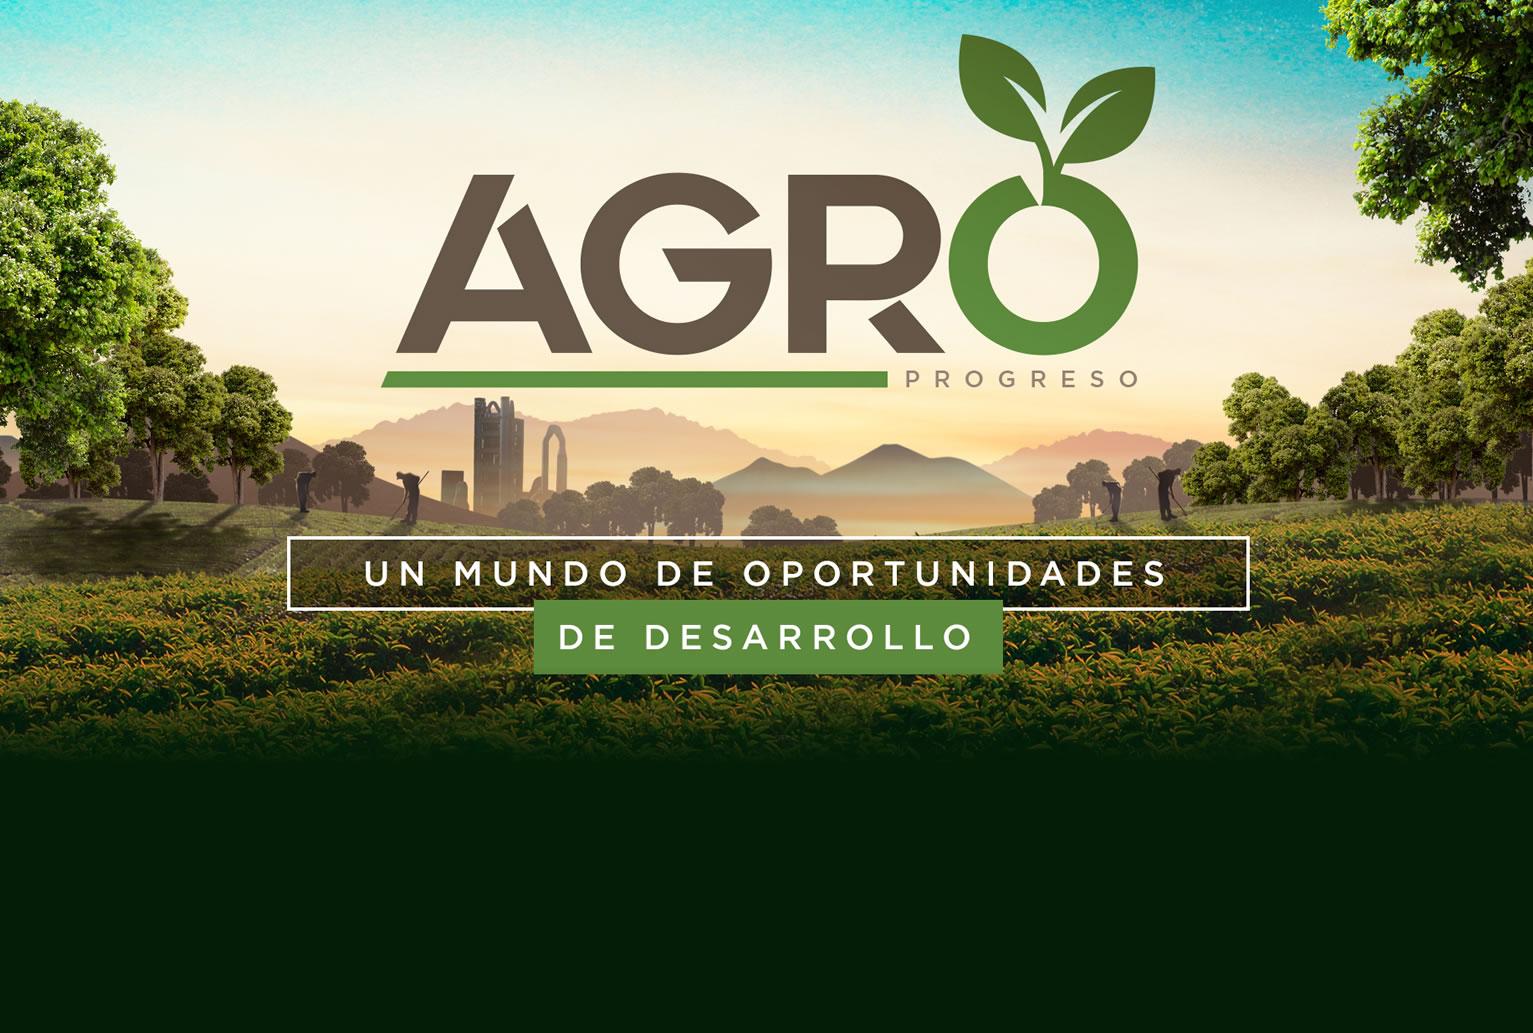 AgroProgreso Un nuevo modelo de negocios para fortalecer la agroindustria cempro cementos progreso guatemala cempro v8